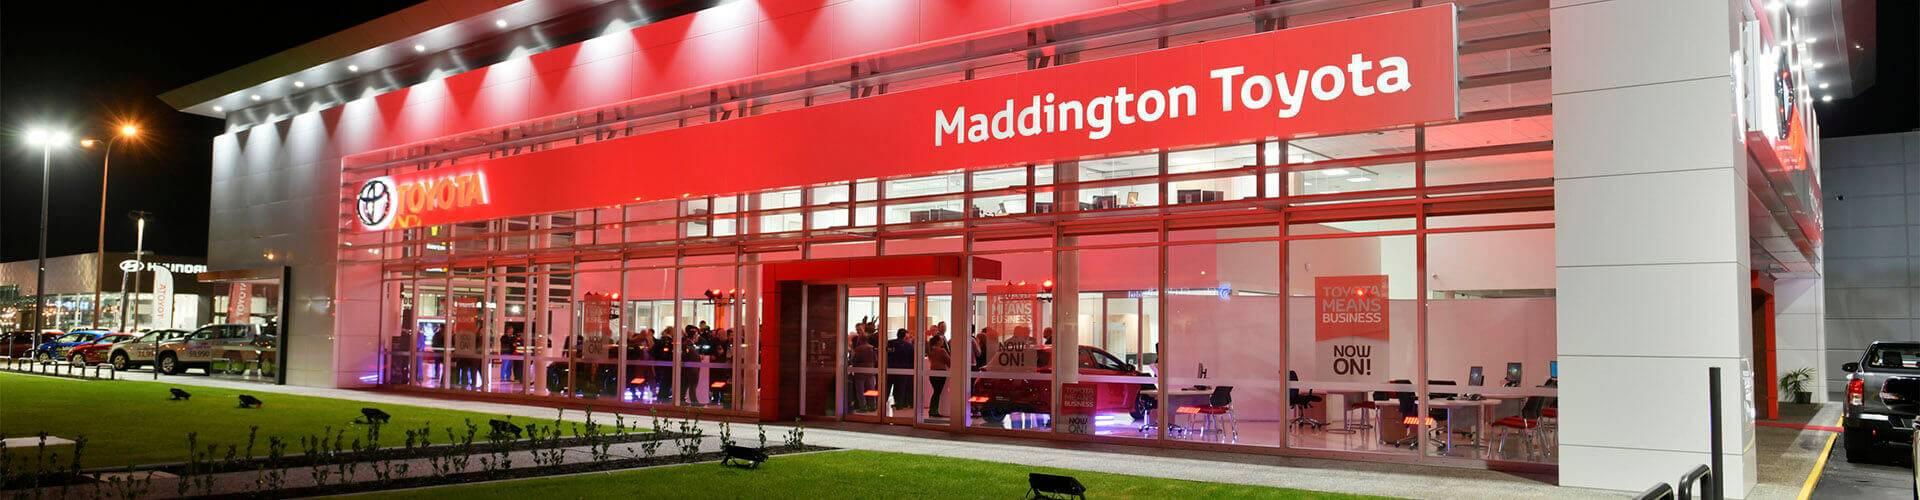 Maddington Toyota